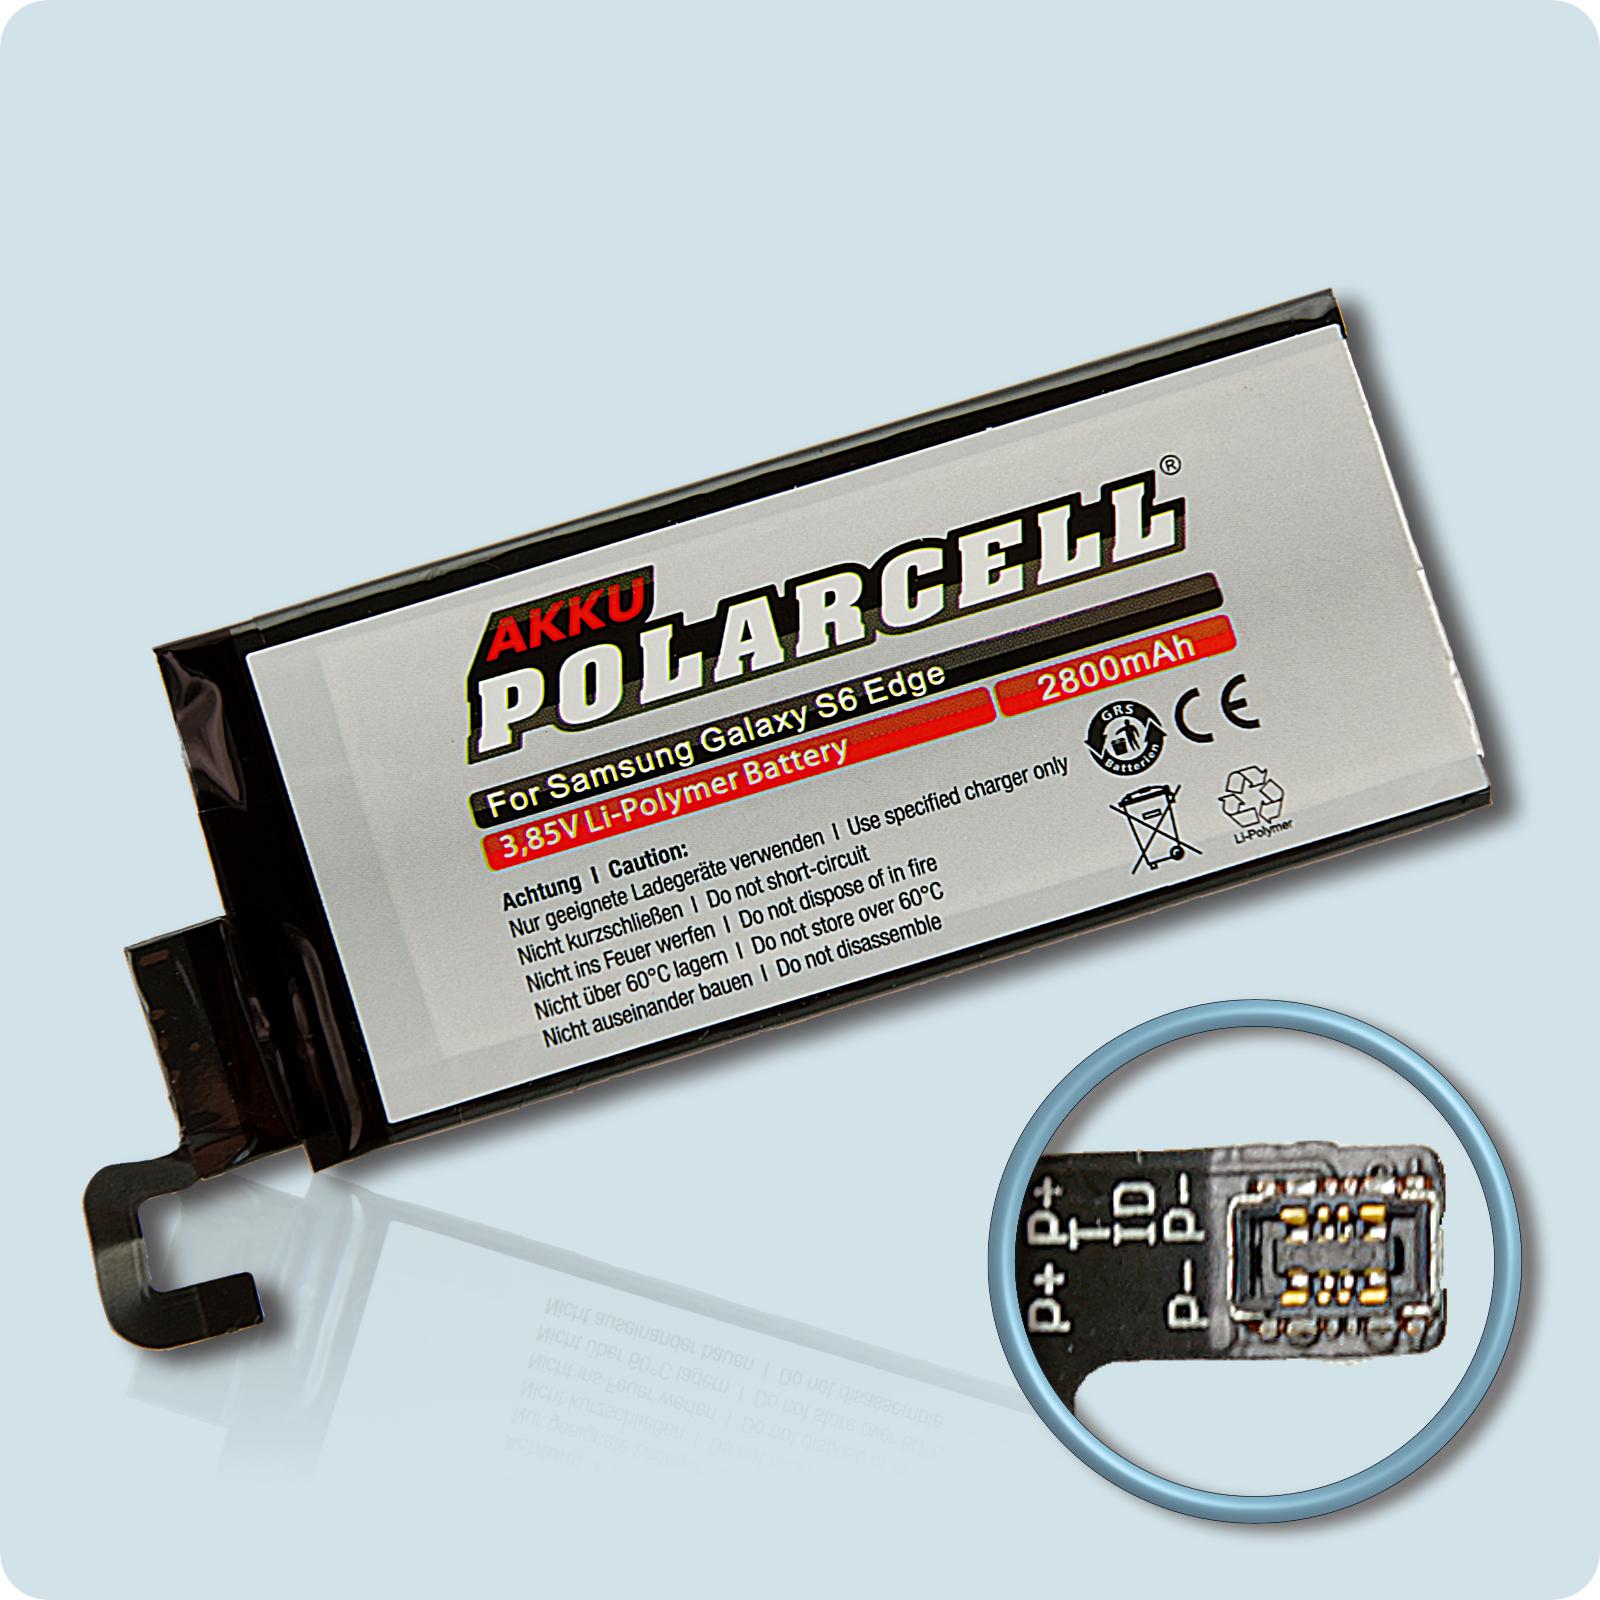 PolarCell® Hochleistungsakku für Samsung Galaxy S6 Edge SM-G925F, ersetzt Originalakku EB-BG925ABE